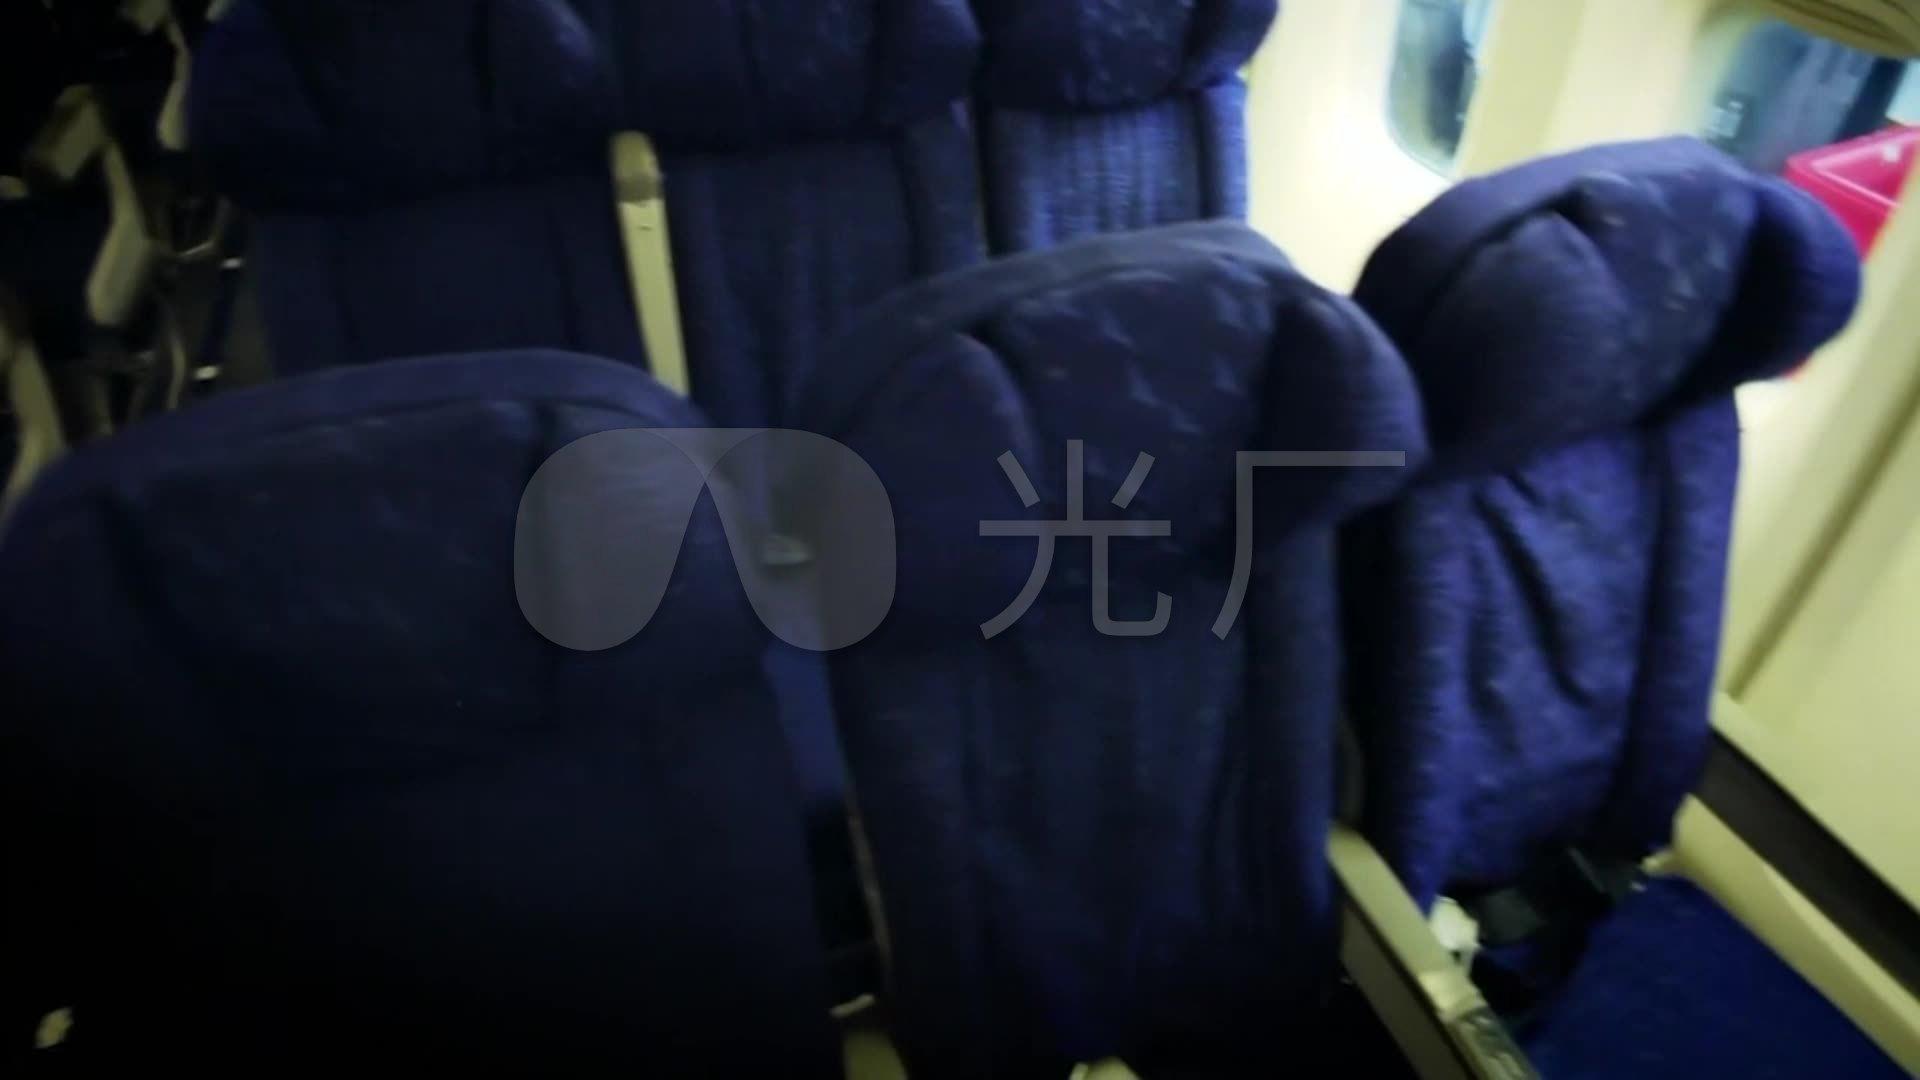 飞机民航舱内景内部展示_商务客机头等舱_19简单的画花步骤图片